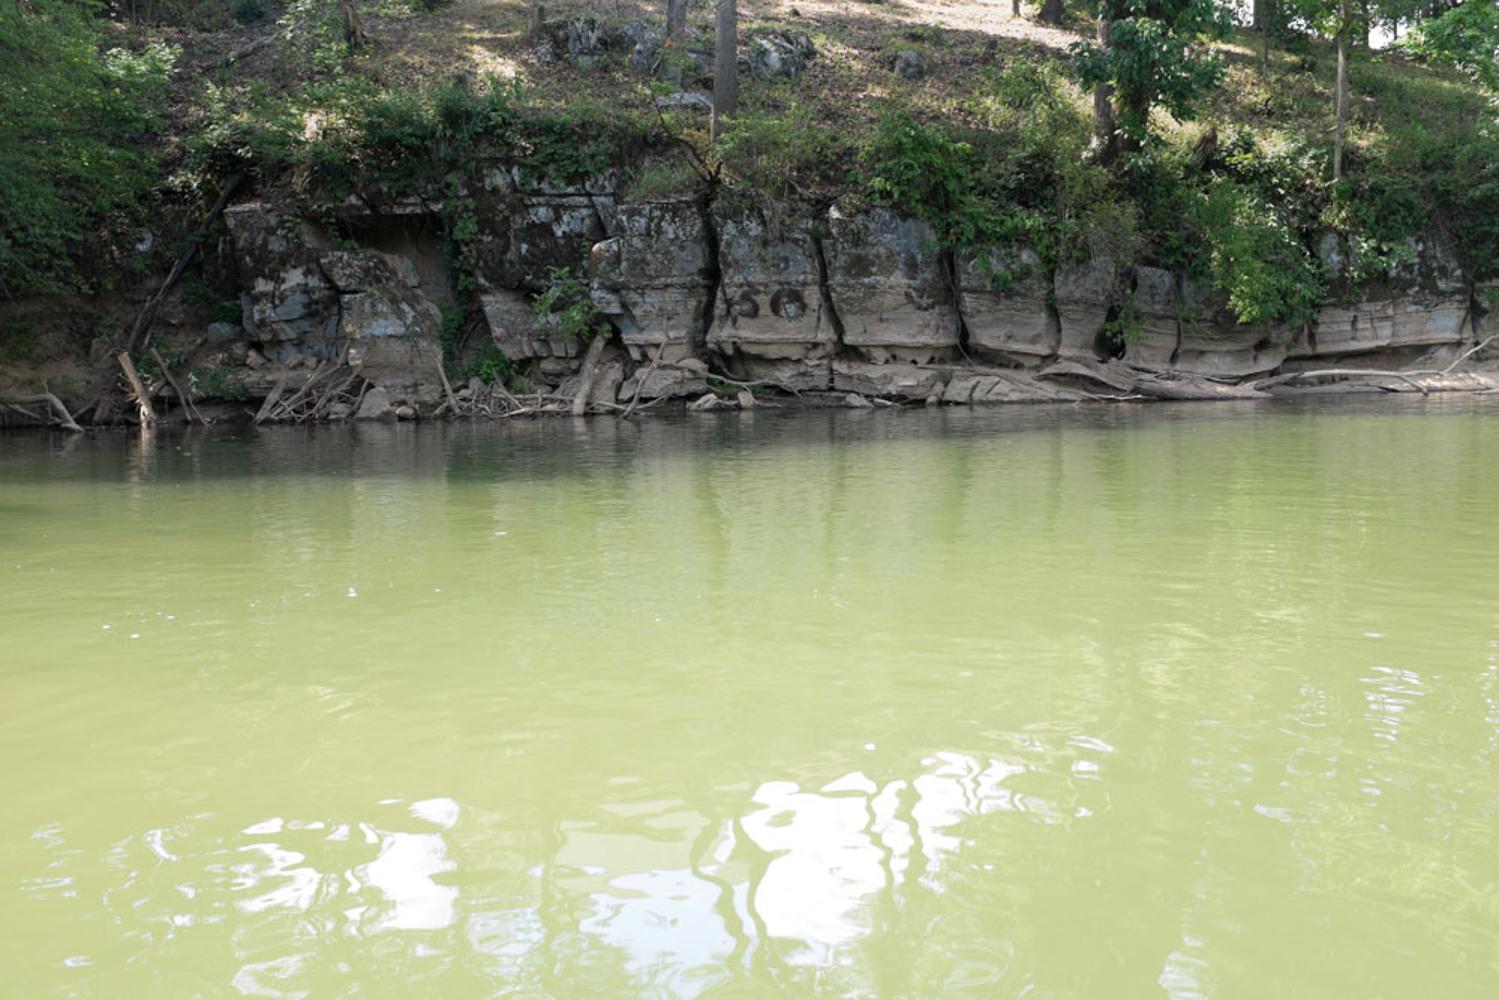 KB_etowah-river-1257.jpg